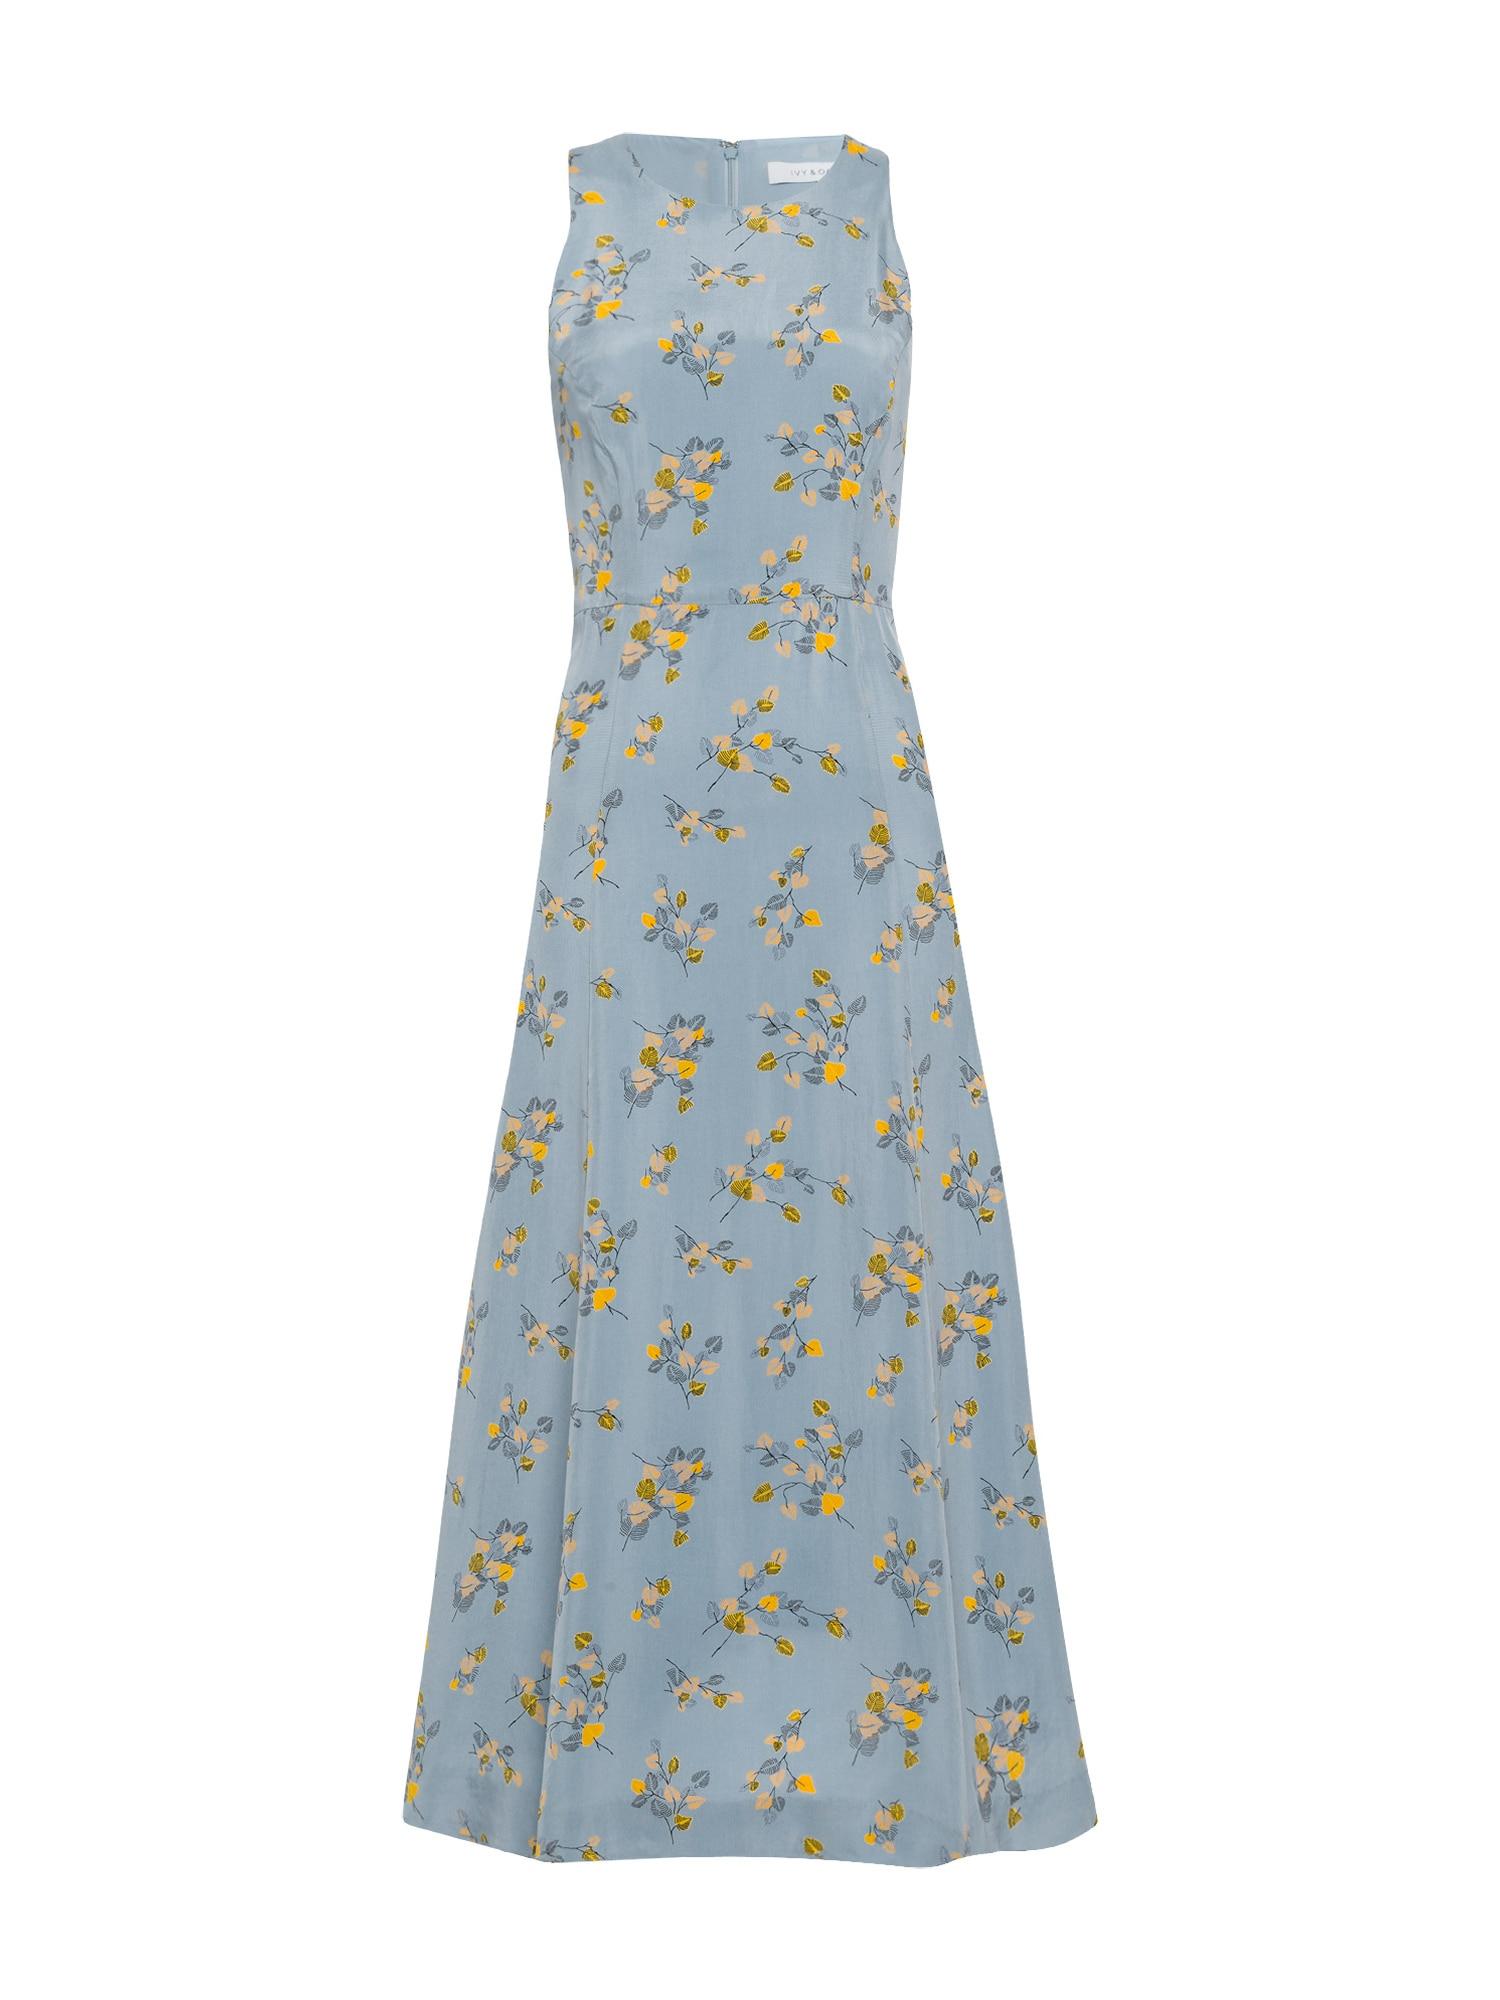 Letní šaty Printed Midi Dress modrá mix barev IVY & OAK